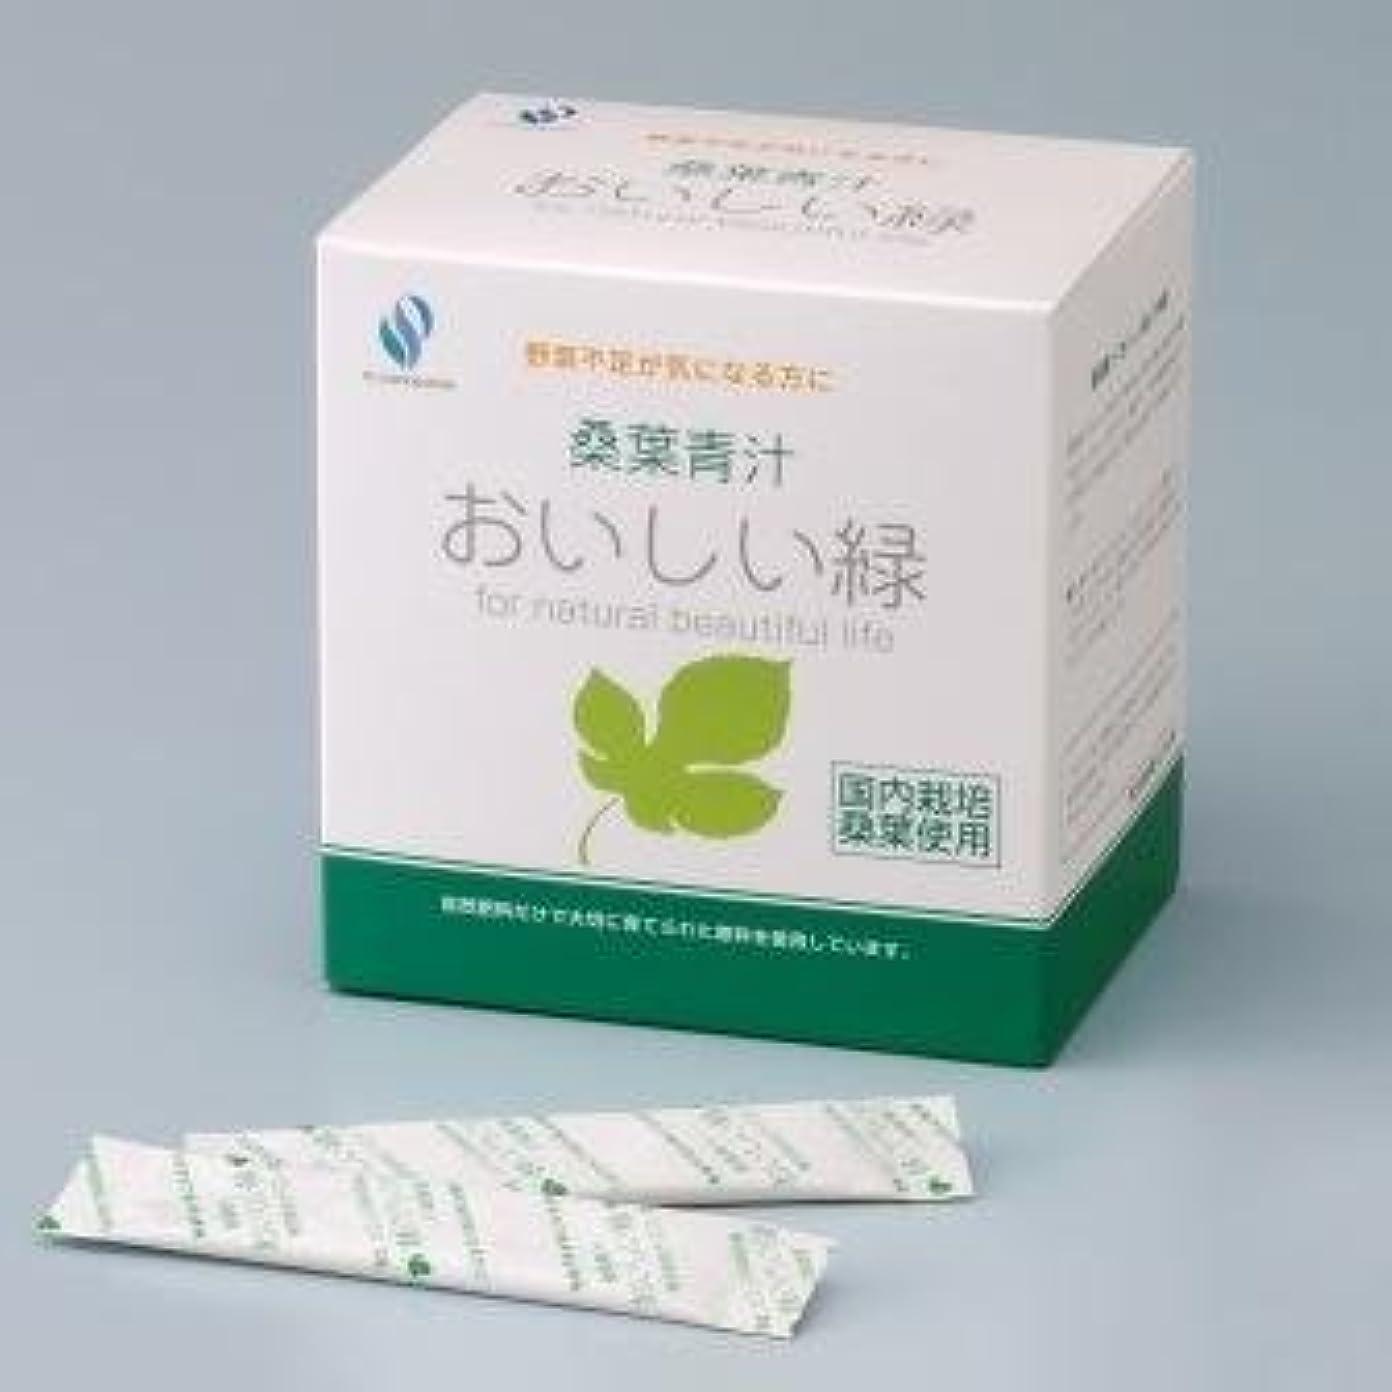 下変換うま【栄養補助食品】 桑葉青汁 おいしい緑 (本体(2gx60本入り))